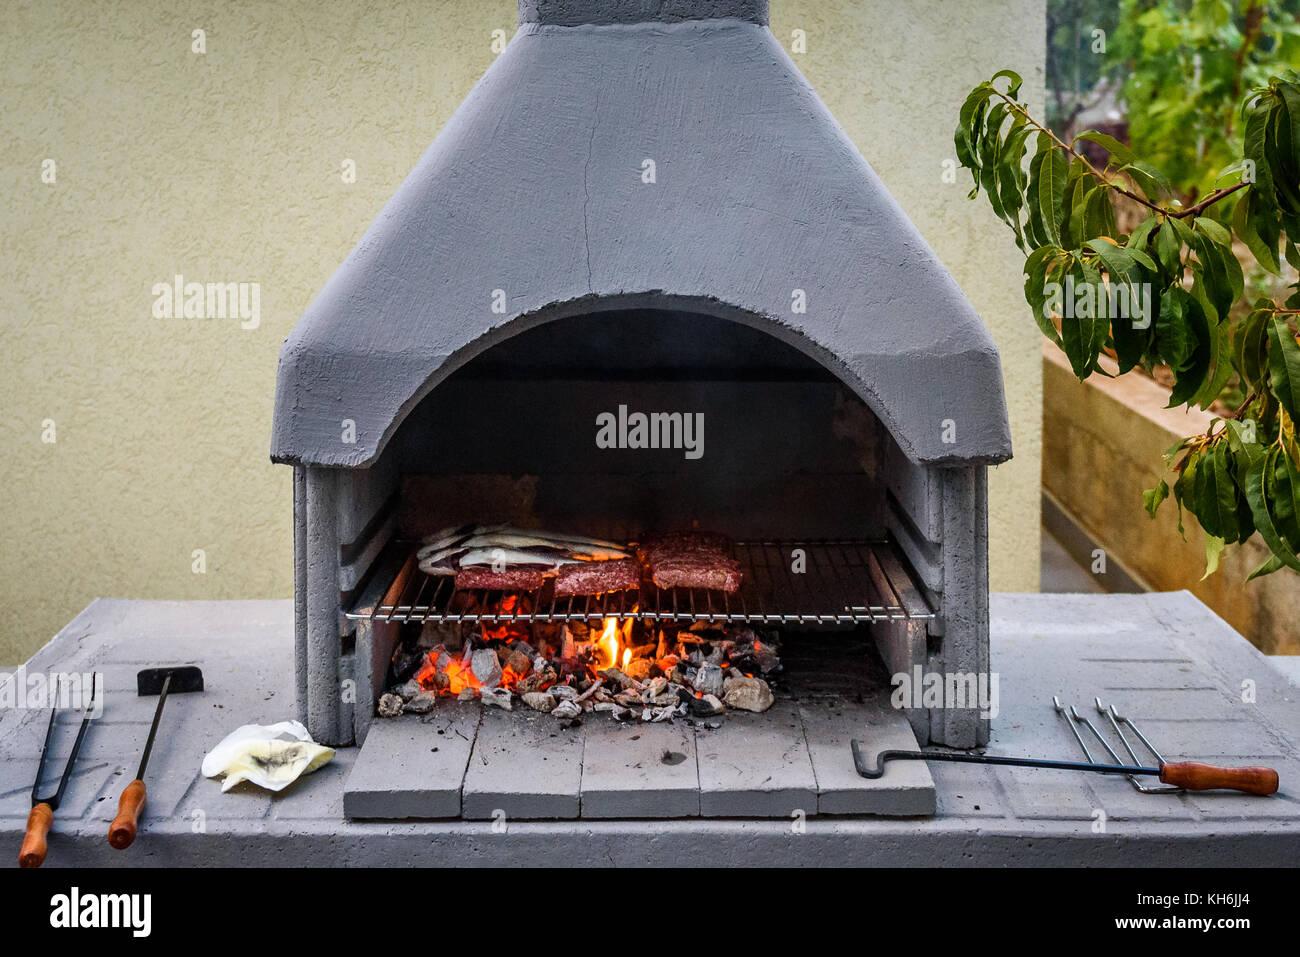 Grill Eingebauten Grill Kamin Mit Fisch Und Chevaps Konkrete Grill Kamin Garten Kamin In Kroatien Stockfotografie Alamy